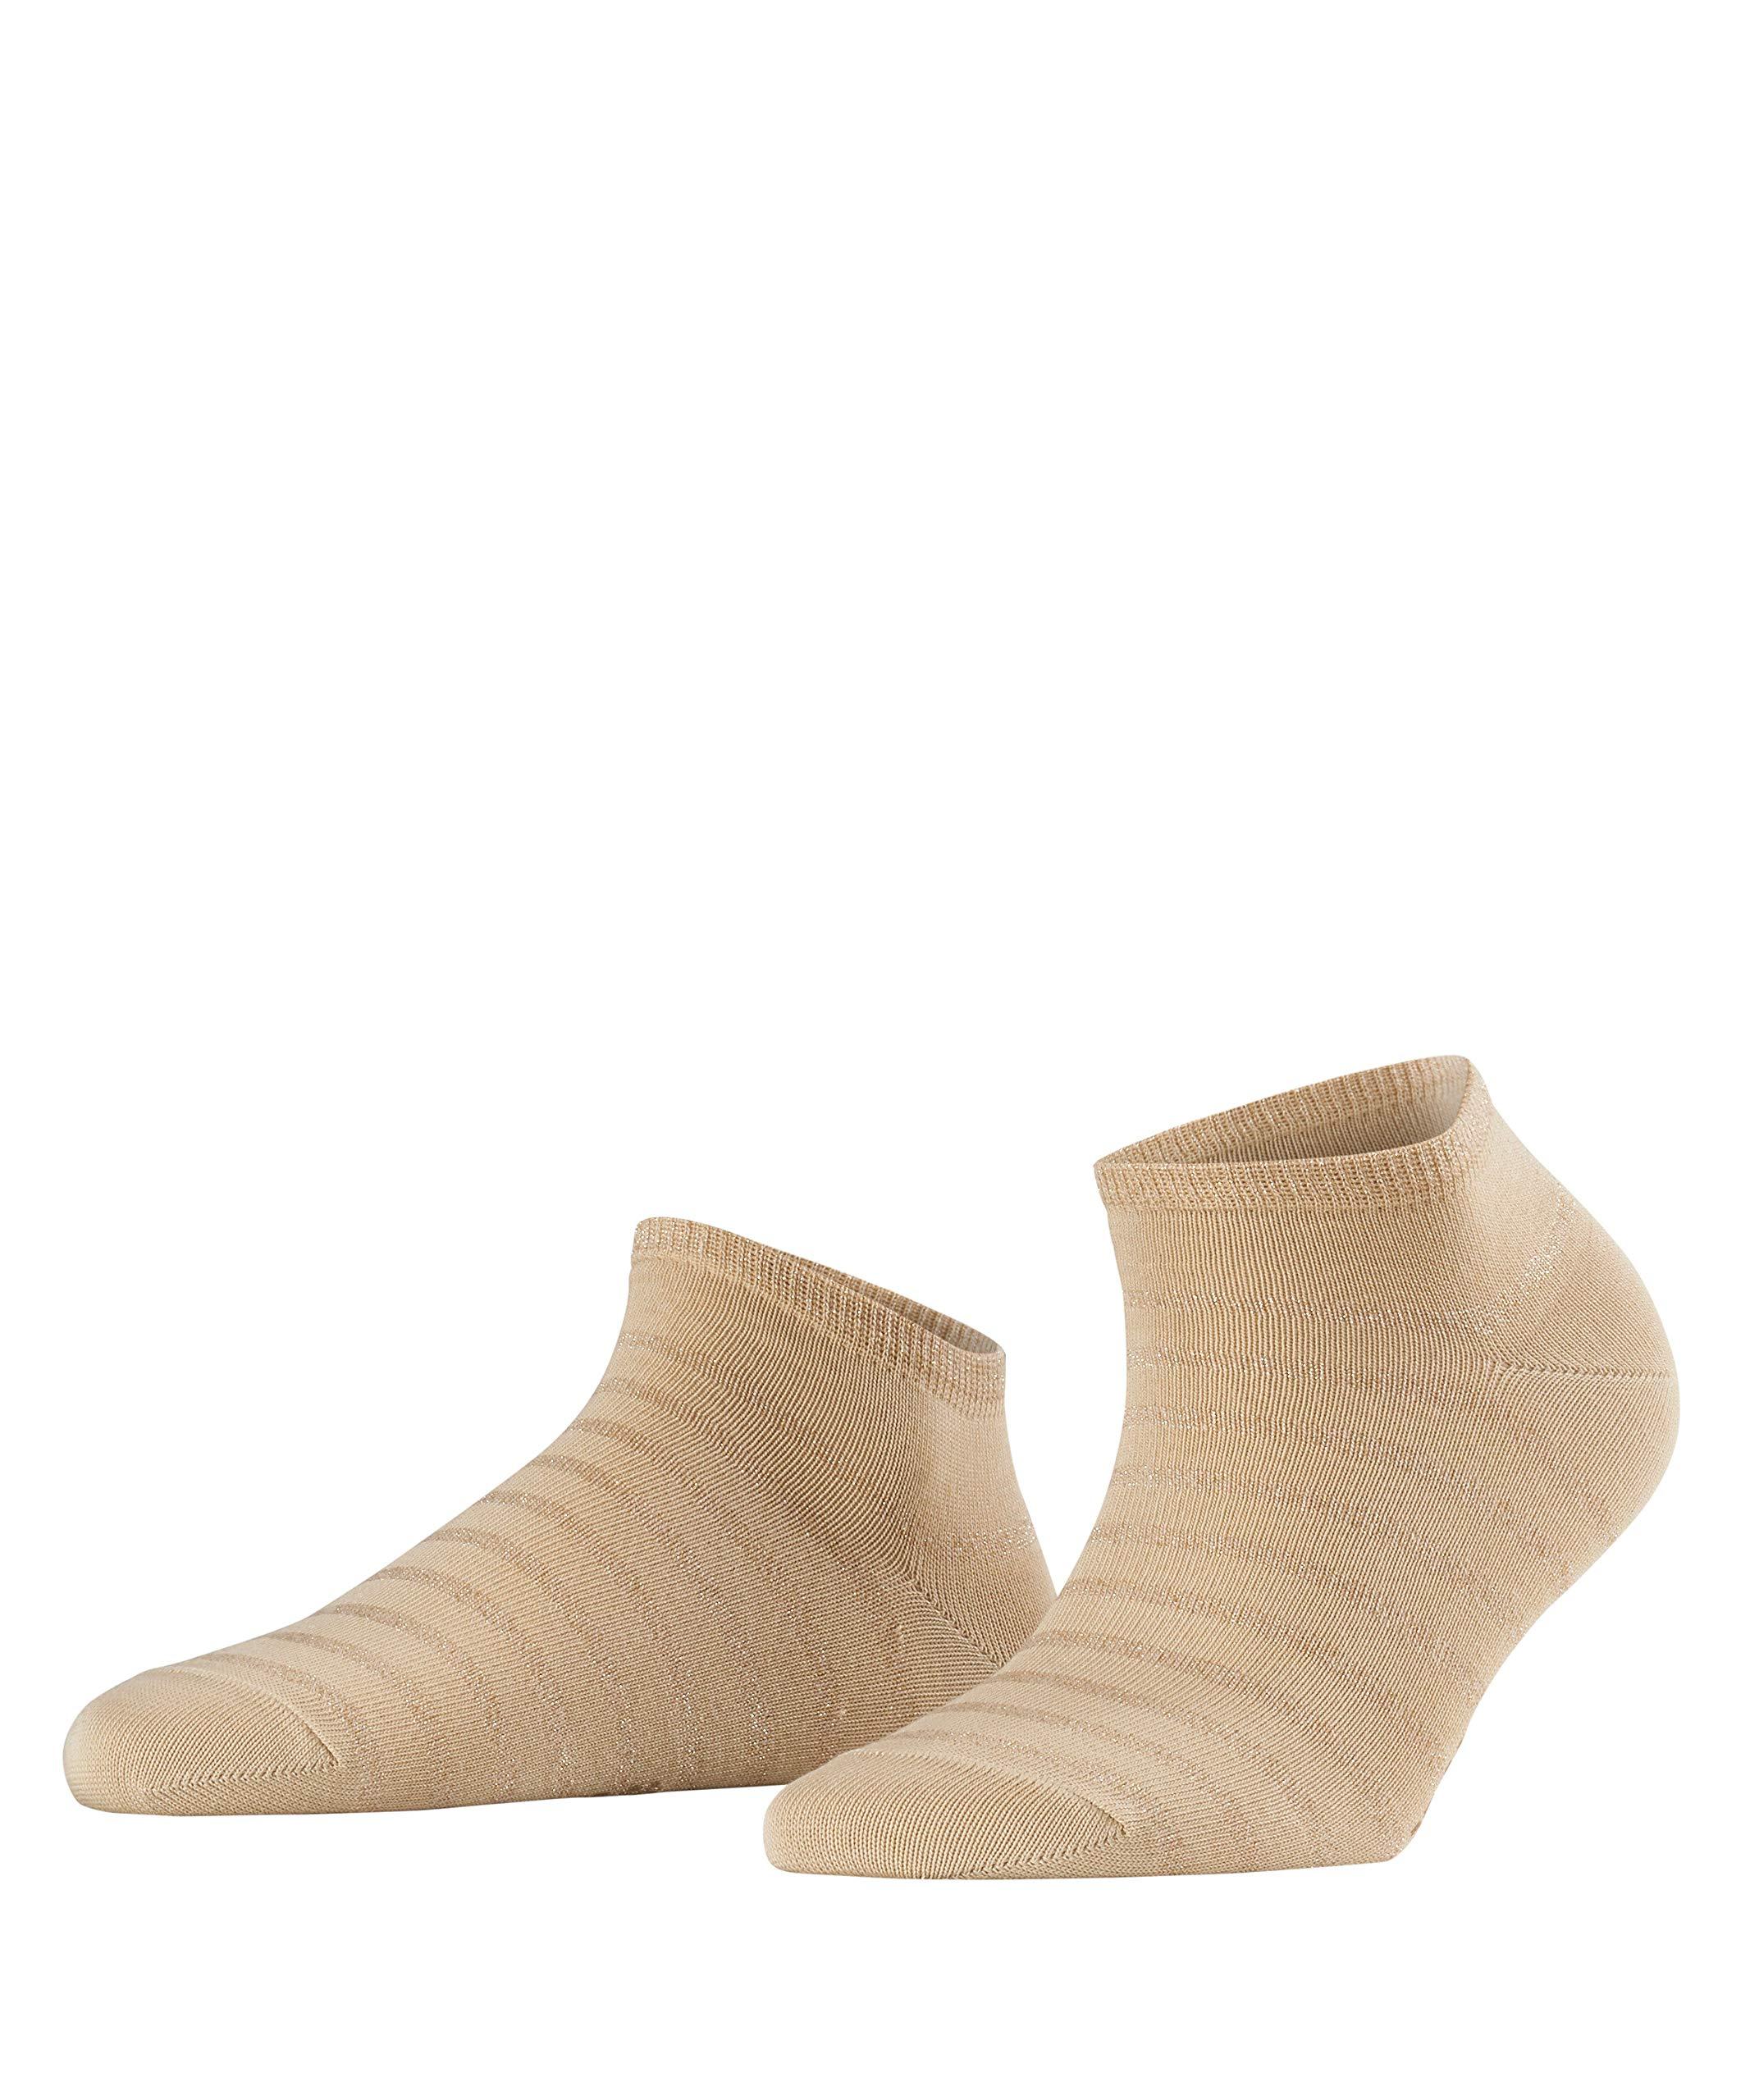 FALKE Women Nautical Sneaker Socks - Cotton Blend, Ideal For Summer, US sizes 5 to 10.5